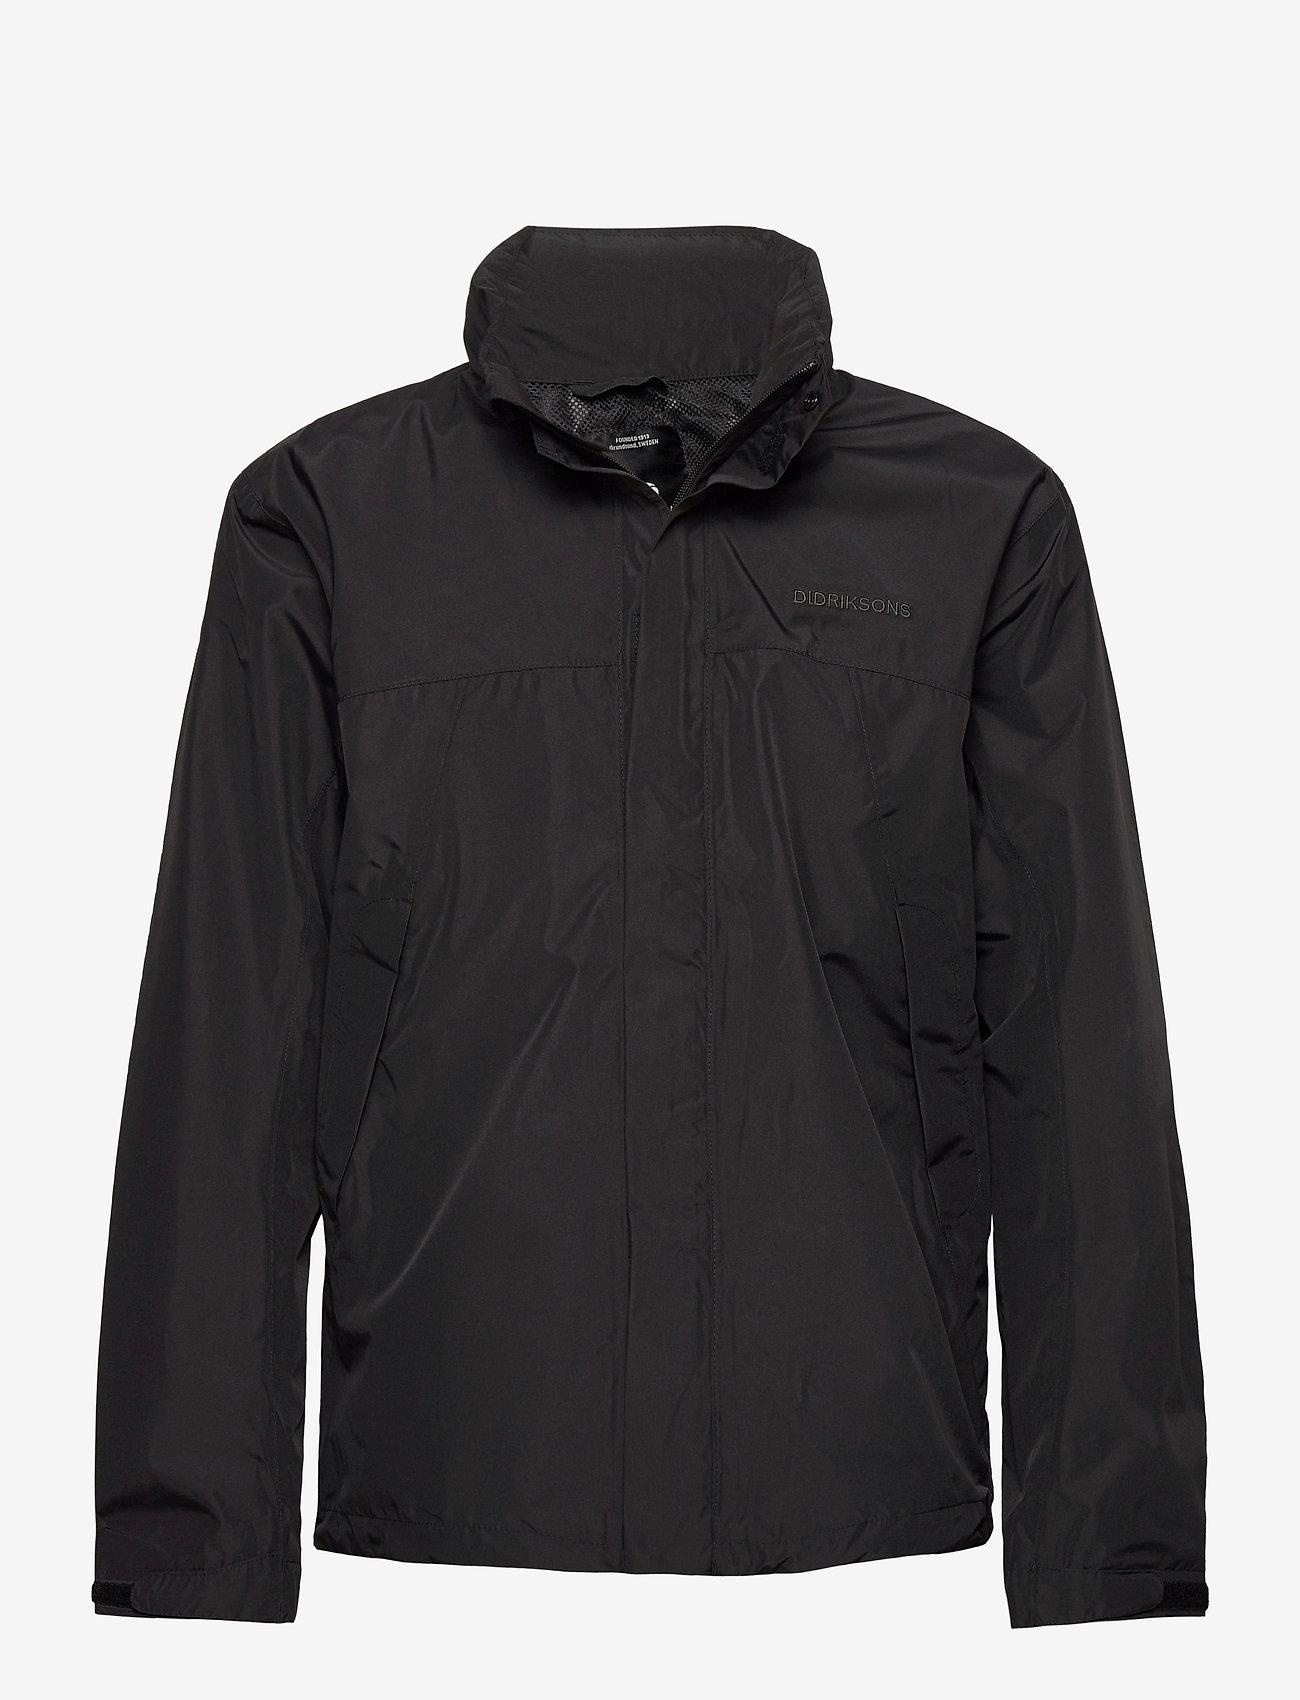 Didriksons - GRAND USX JKT - manteaux de pluie - black - 0